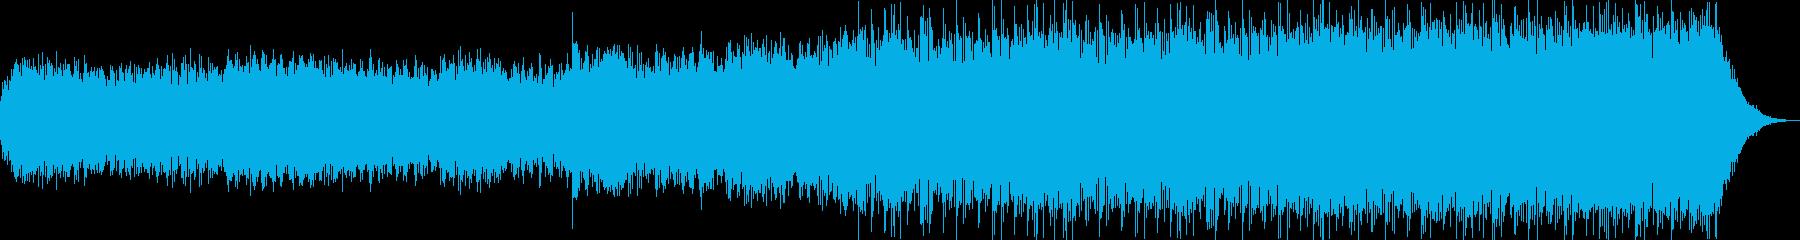 ミステリアス ホラー ピアノアンビエントの再生済みの波形